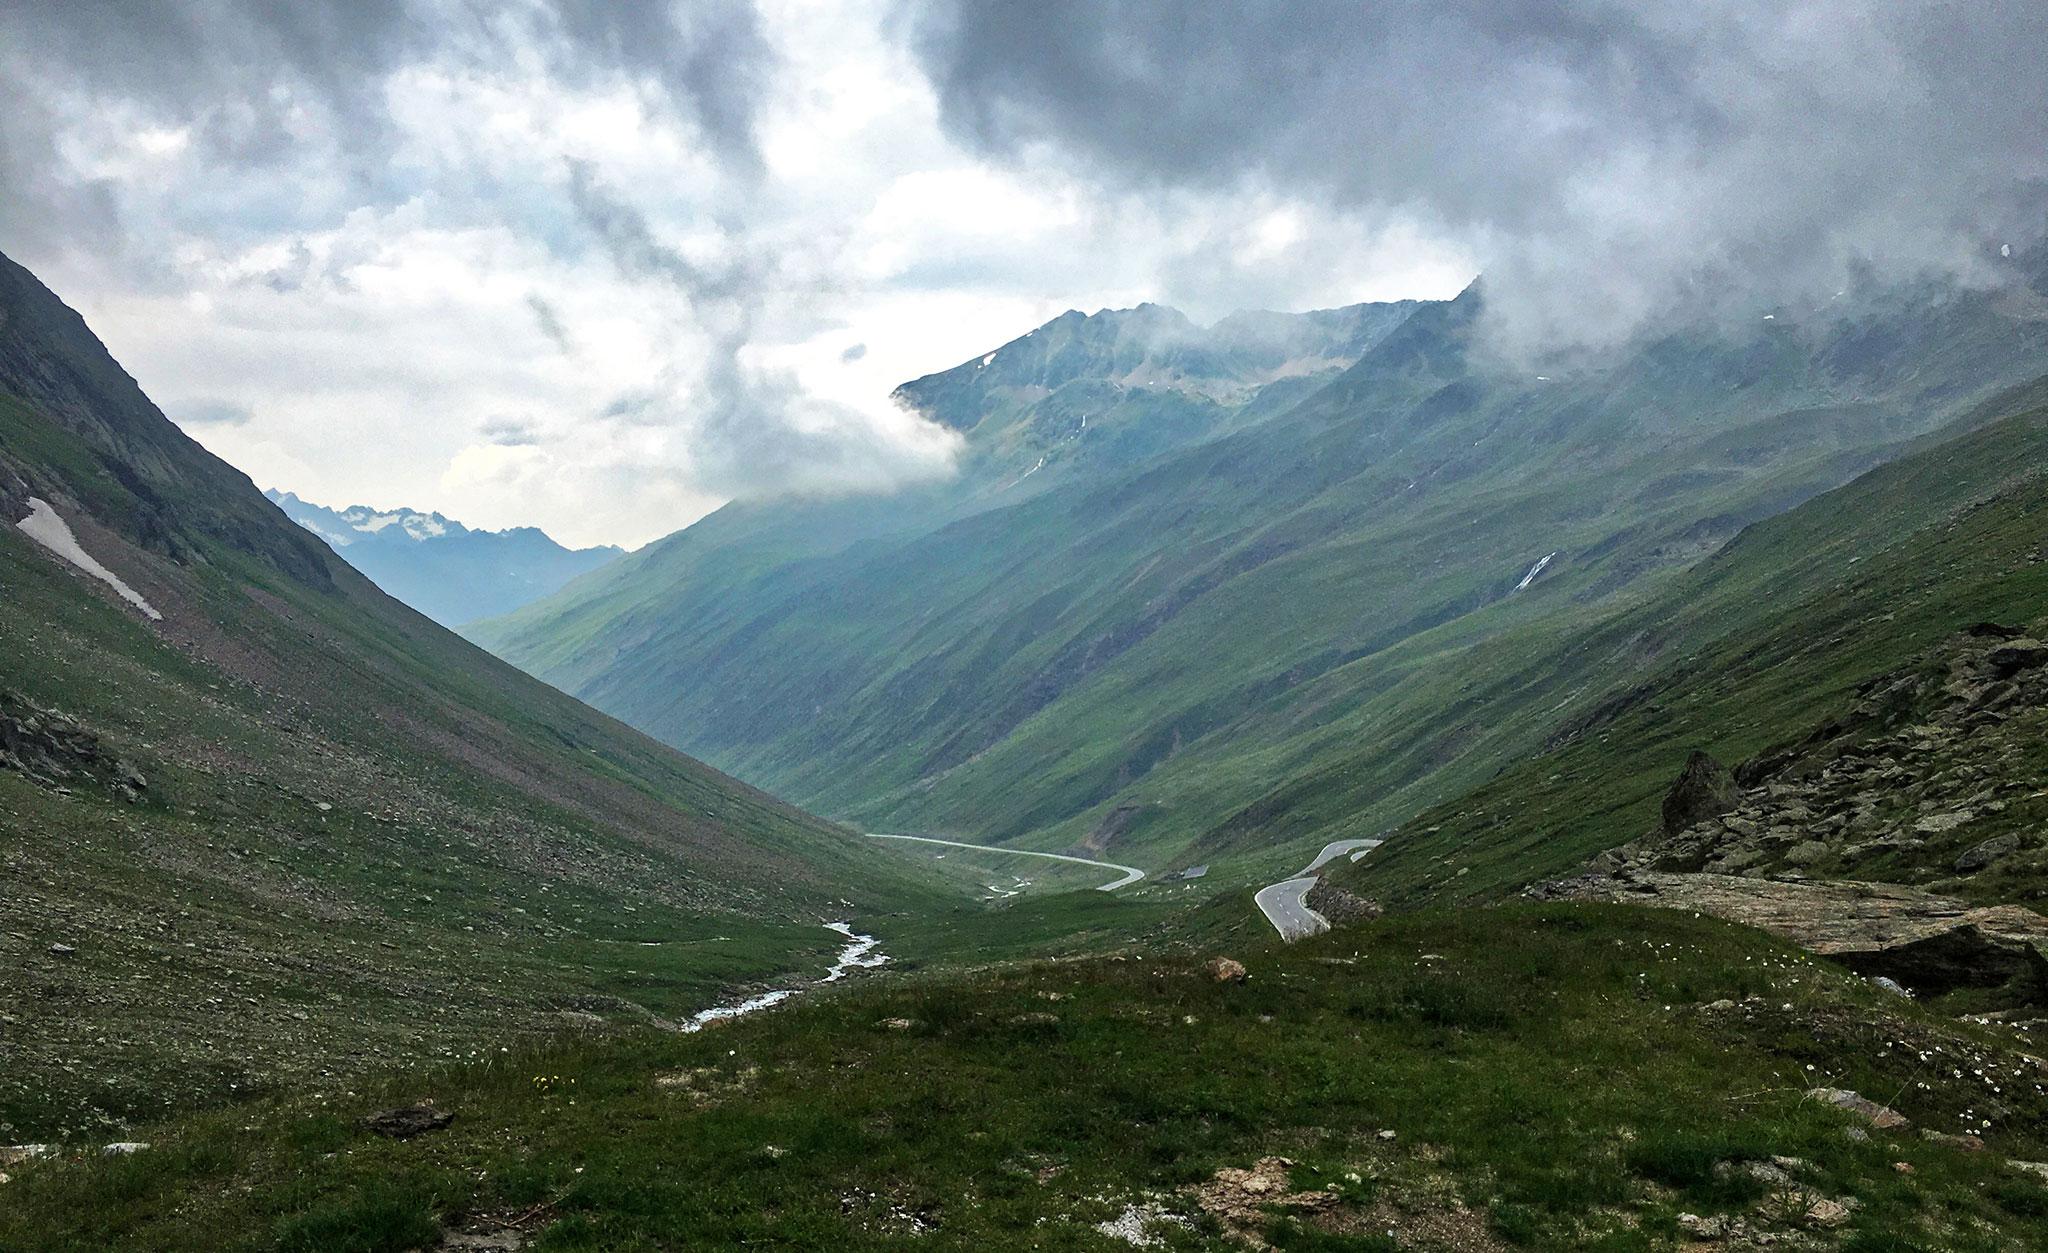 Along Timmelsjoch high alpine road, with breathtaking scenery